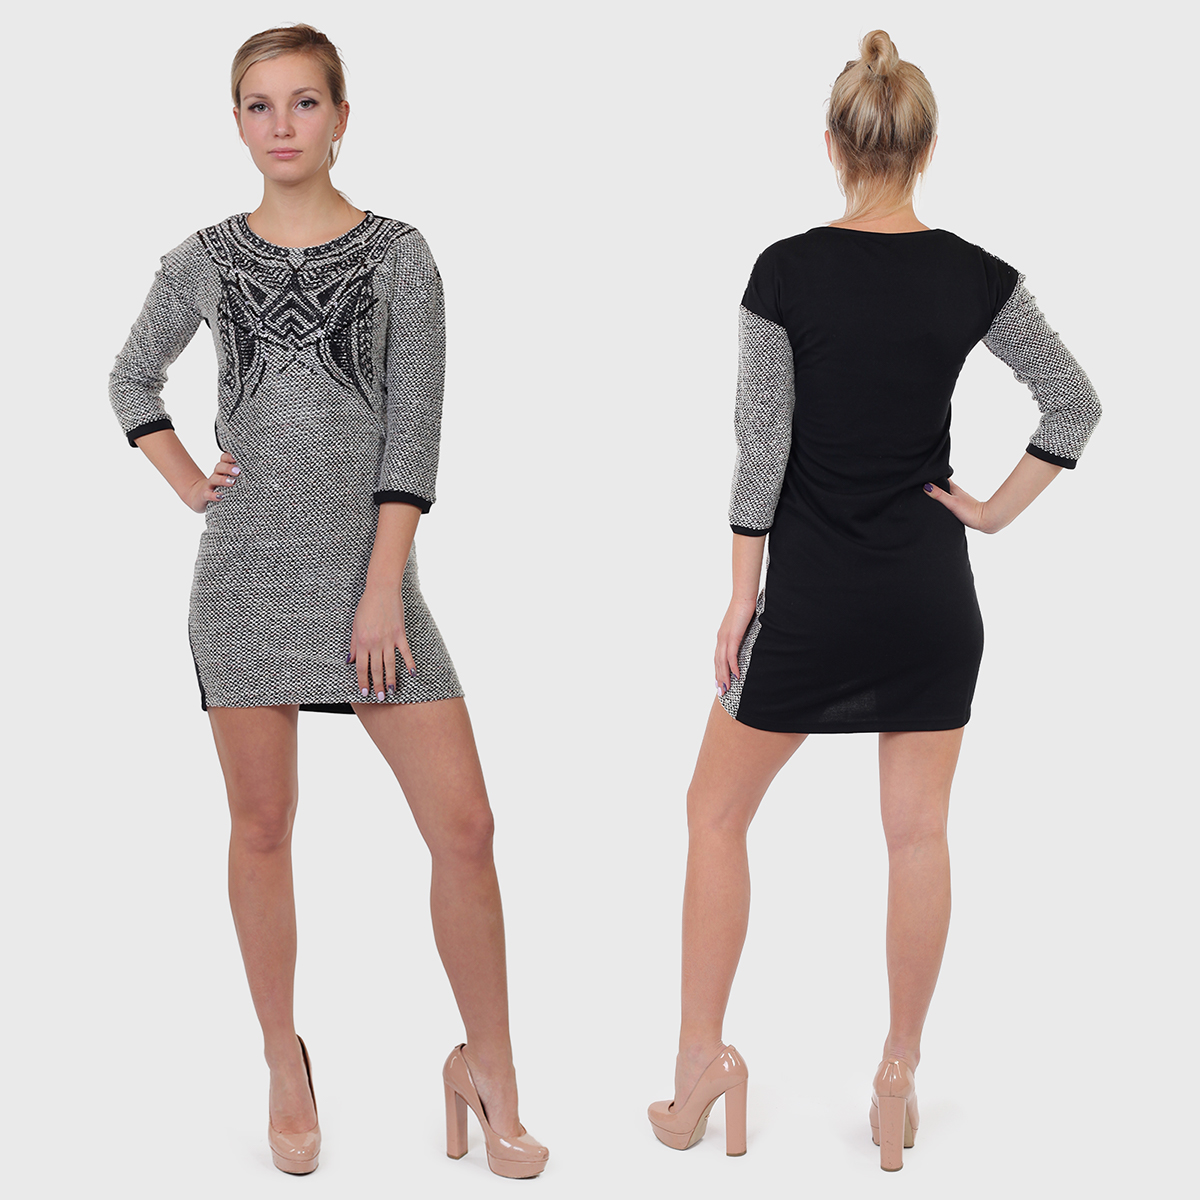 Элегантное платье осень-зима от испанского бренда Kruebeck.